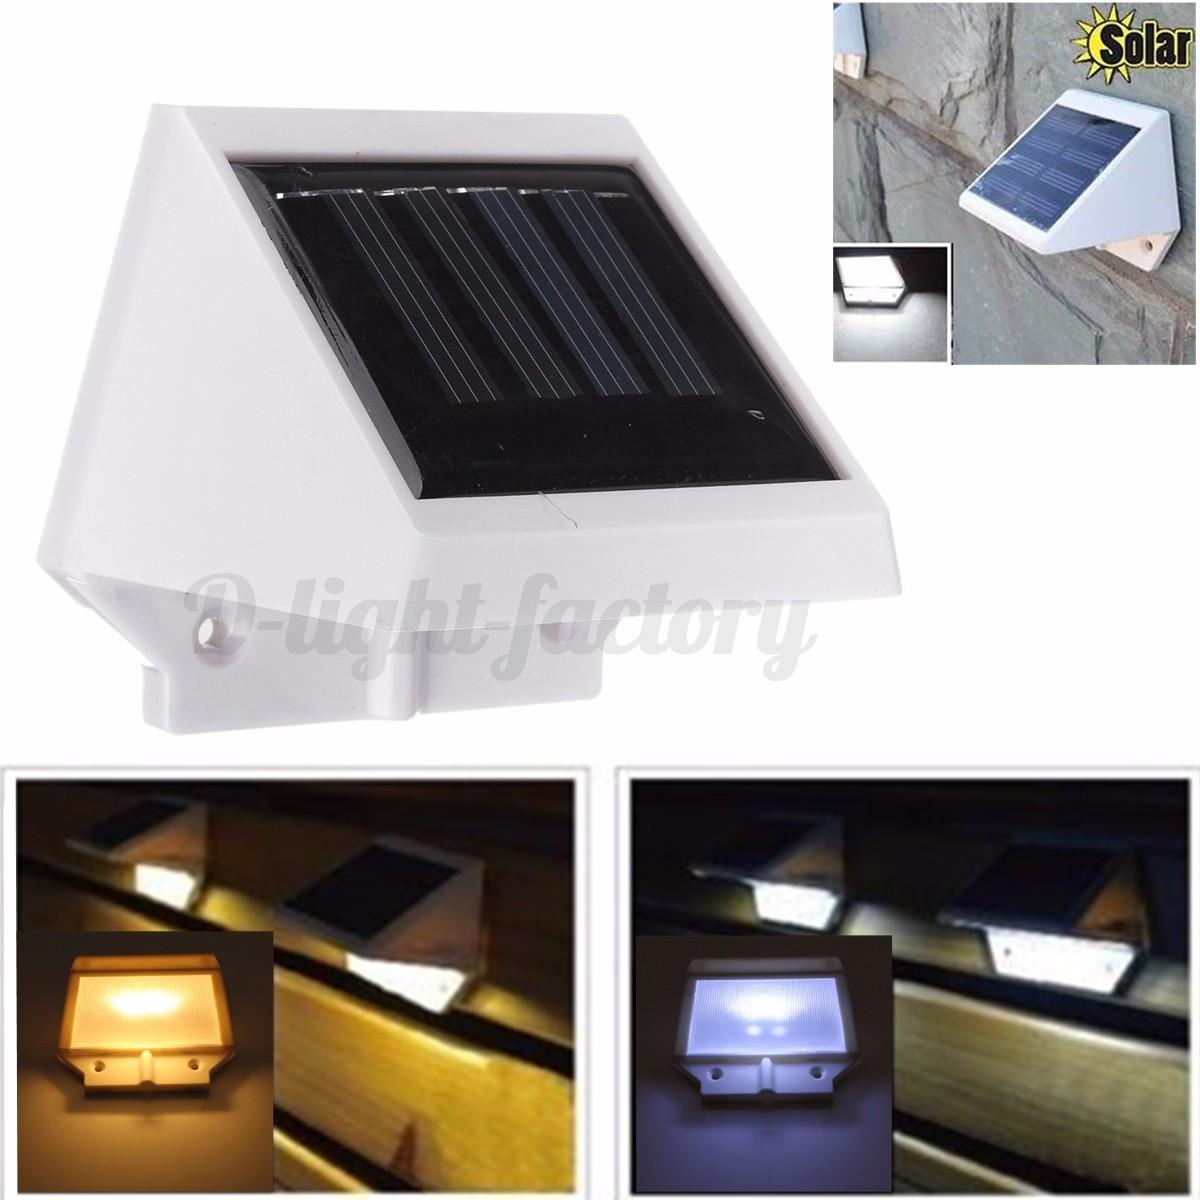 Etanche 2 20 led pir lampe solaire mur lumi re d tecteur mouvement ext rieur nf ebay - Lumiere solaire exterieur ...